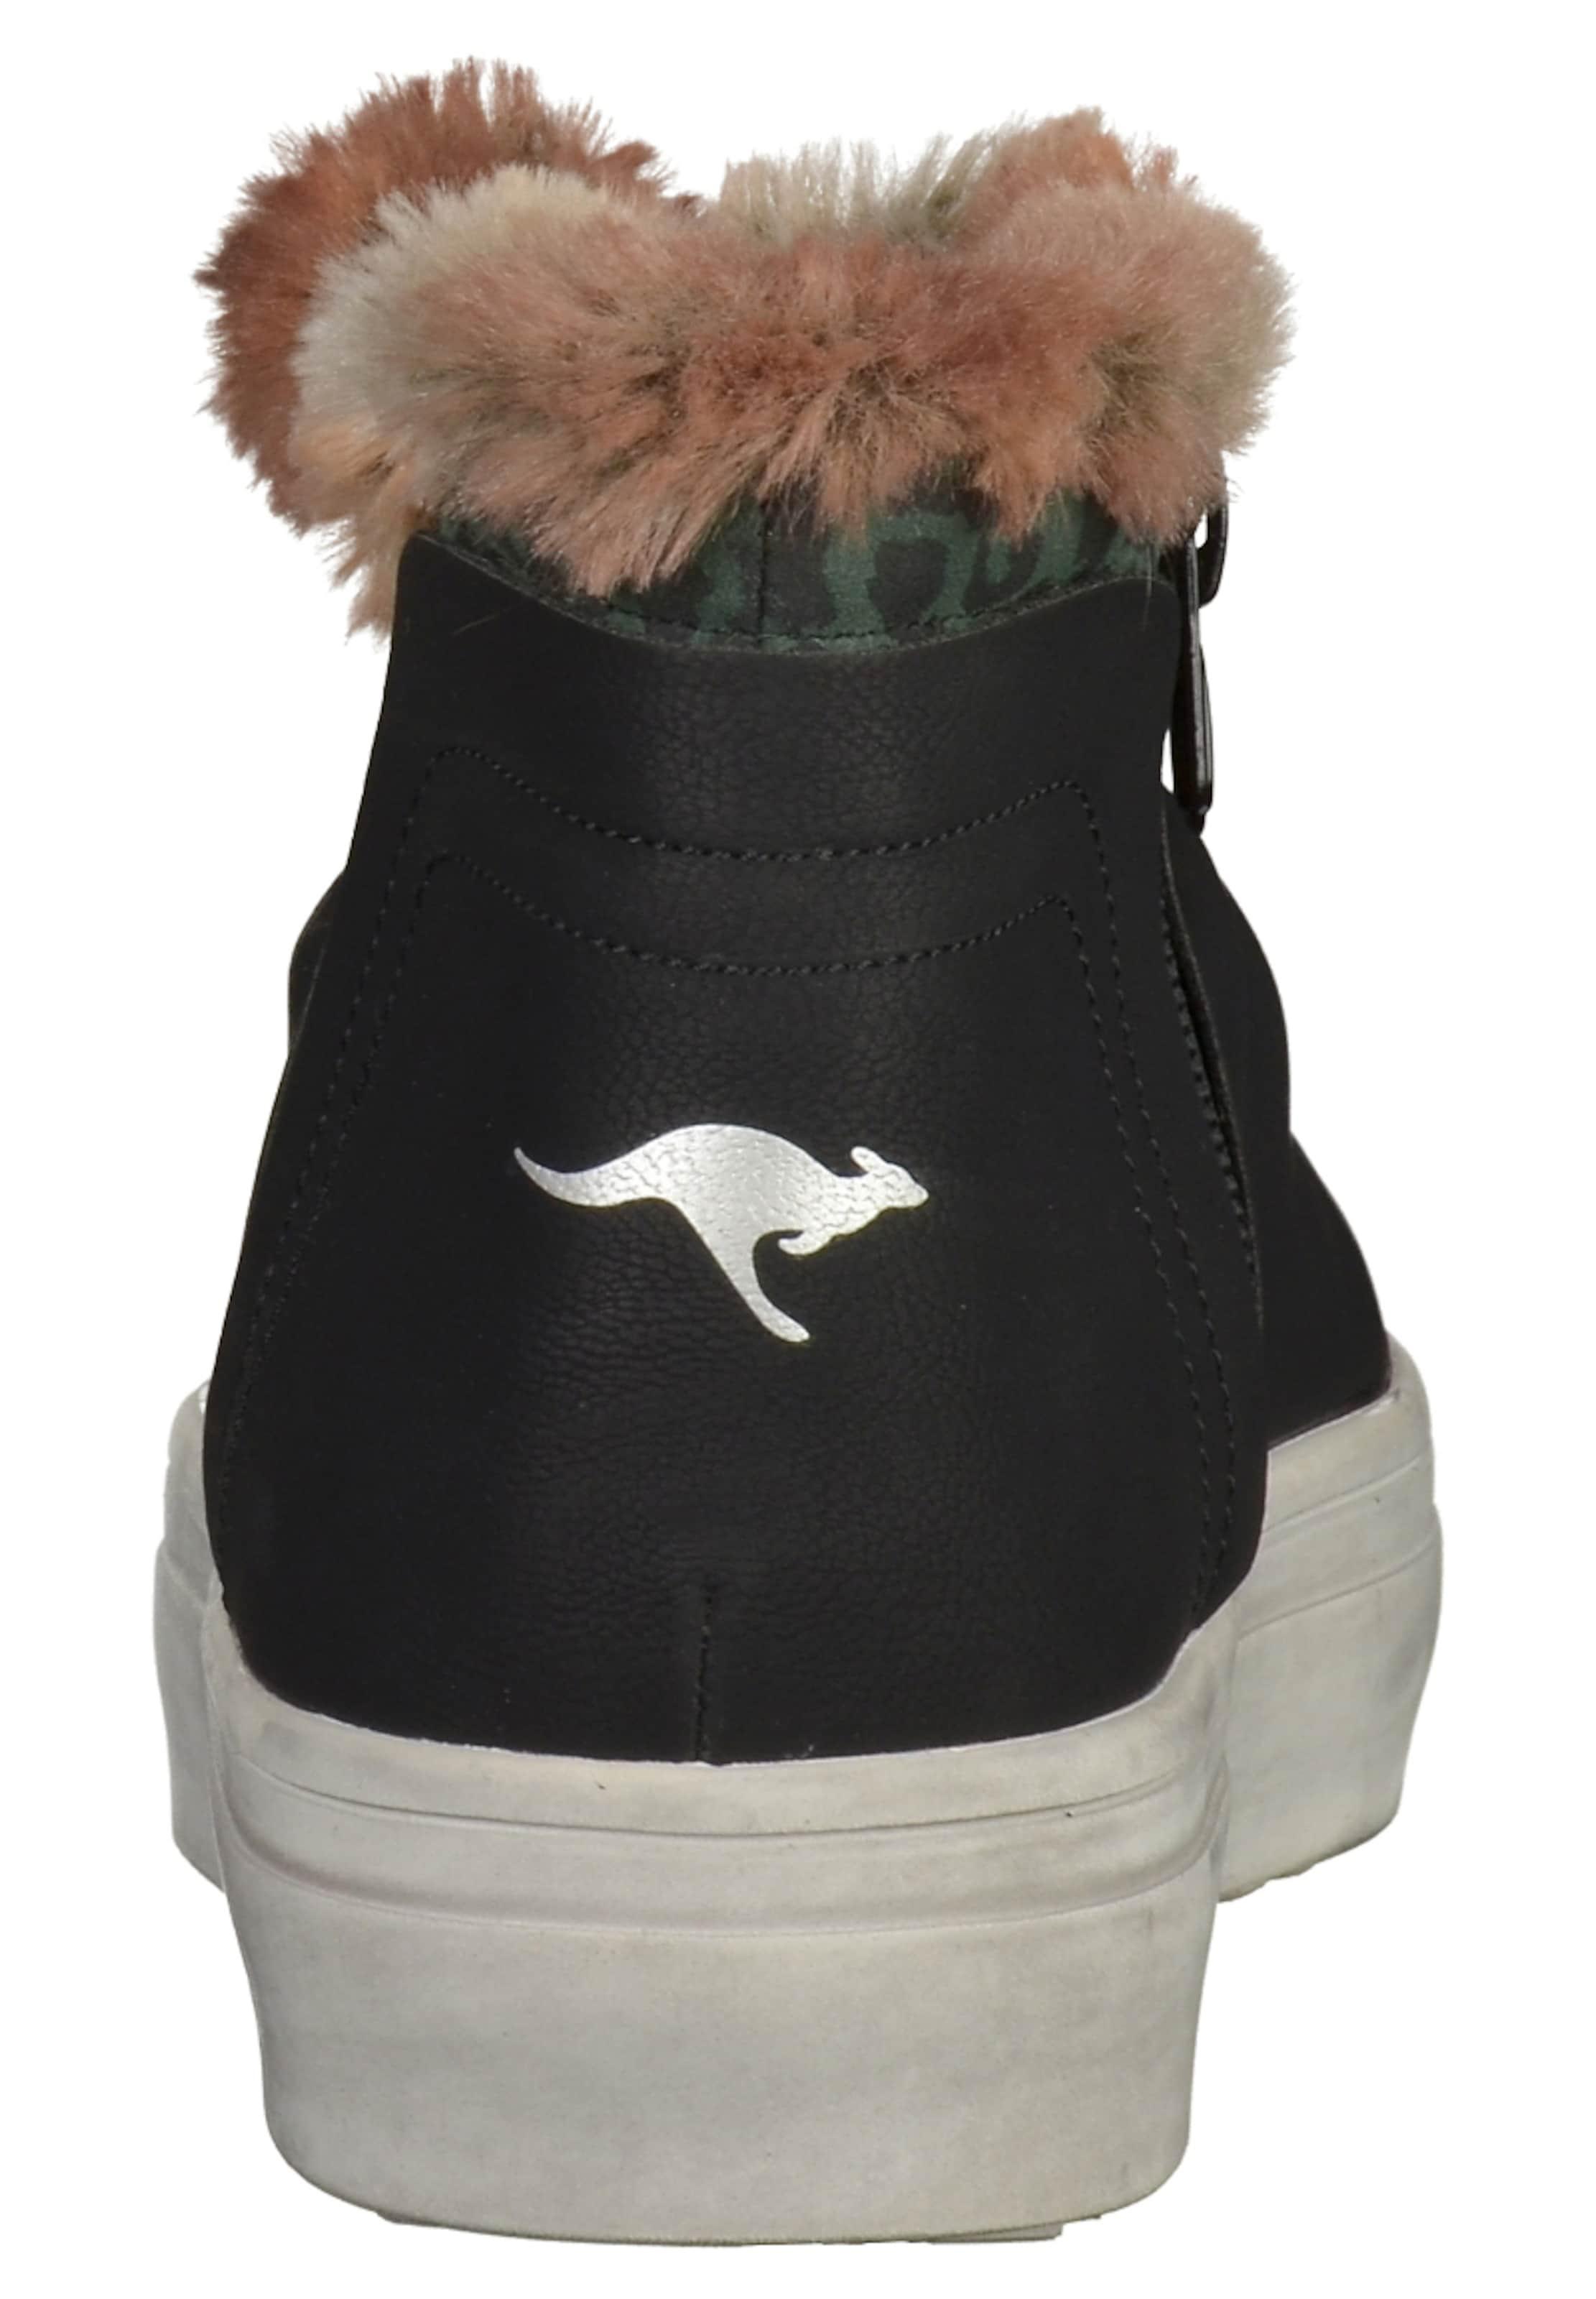 Kangaroos ChamoisSmaragd Weiß Stiefelette In Schwarz OXuiTZwPlk